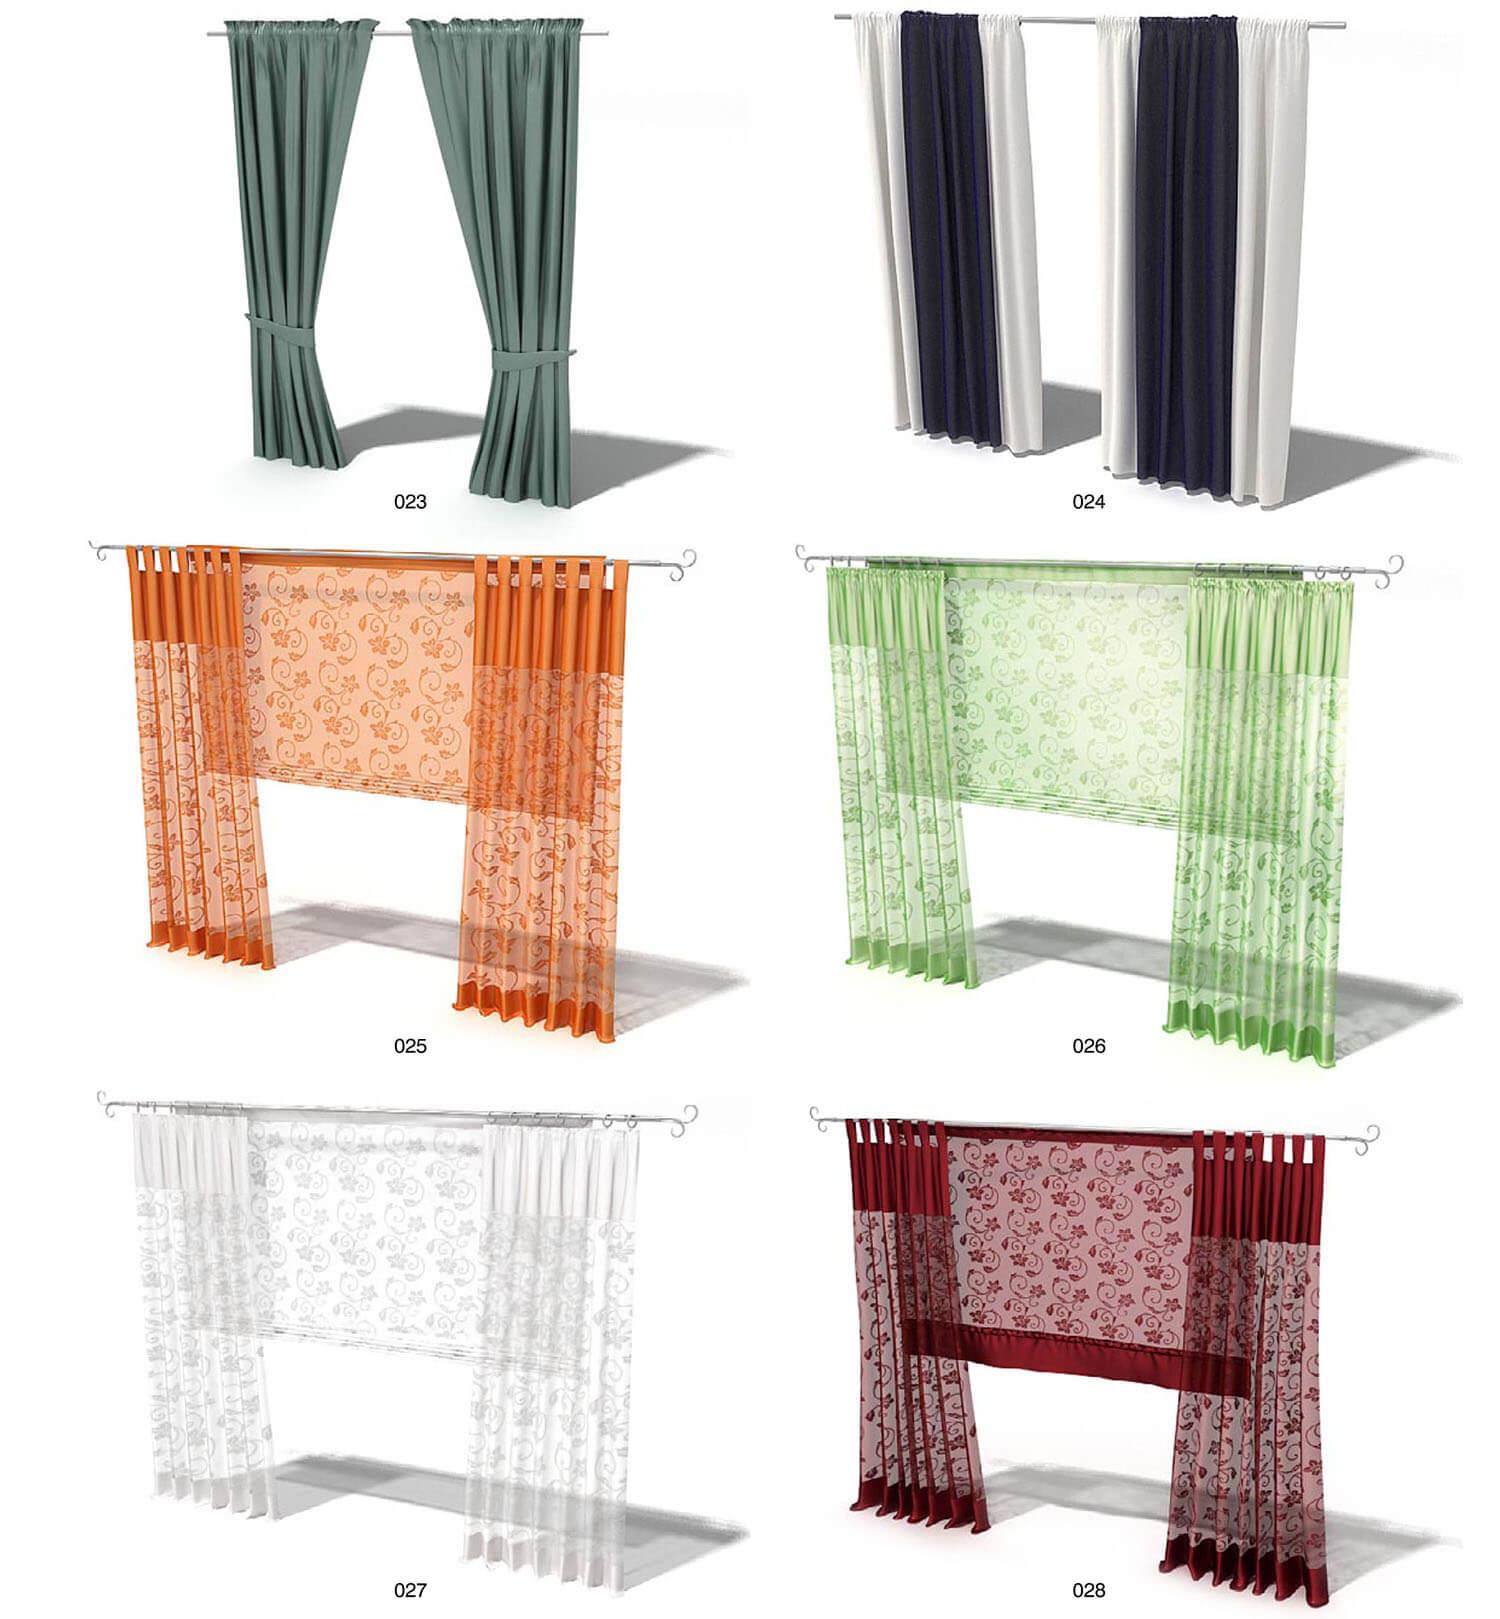 Còn các loại rèm đơn giản thì lại được tô điểm bởi màu sắc nổi bật